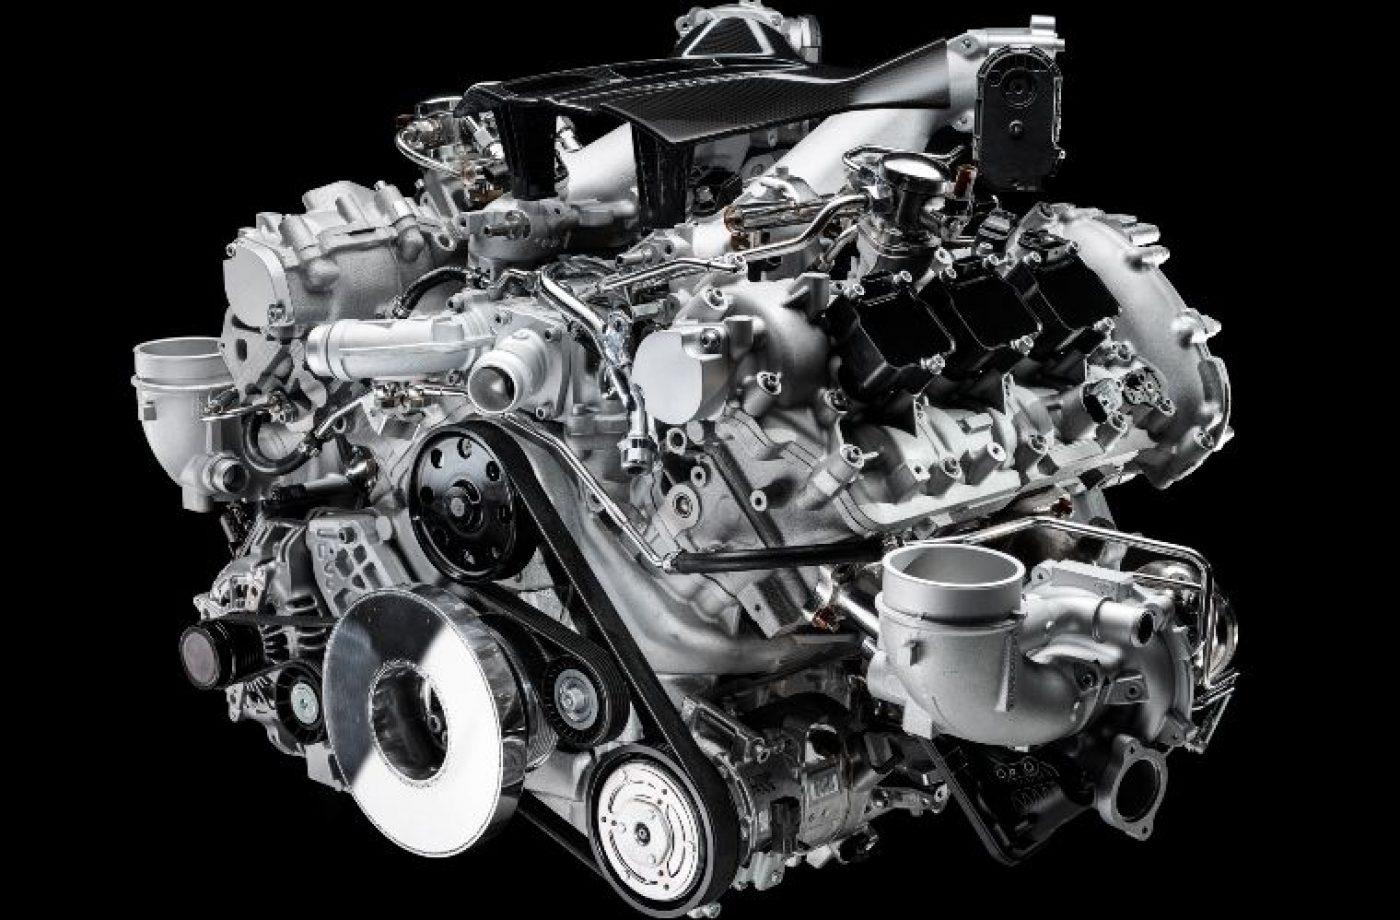 Maserati unveils new 'Nettuno' engine